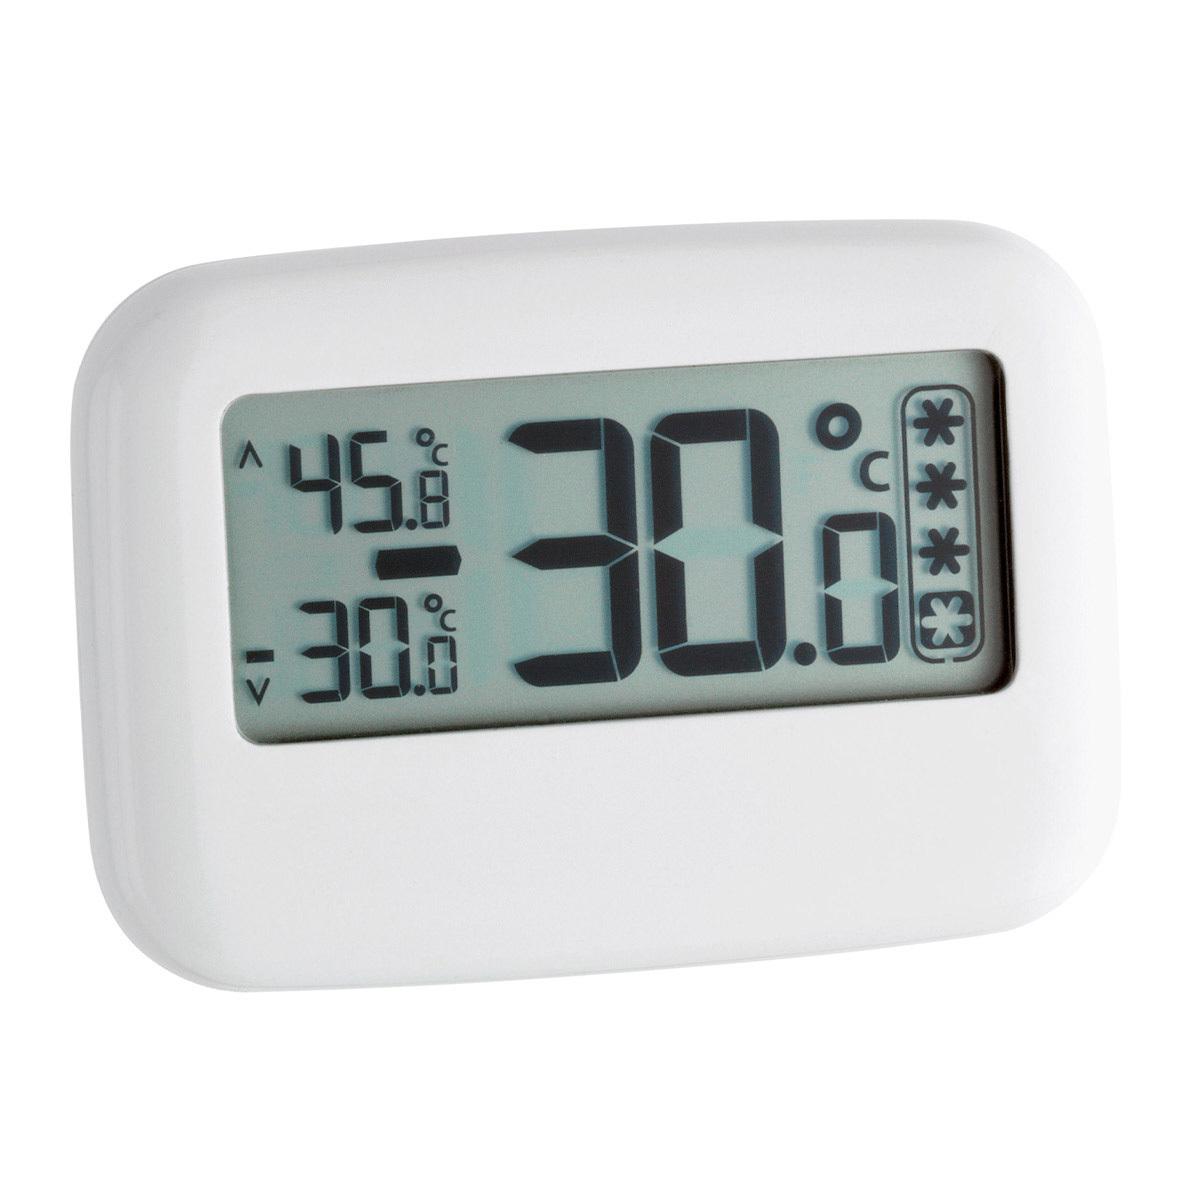 30-1042-digitales-kühl-gefrierschrank-thermometer-ansicht-1200x1200px.jpg